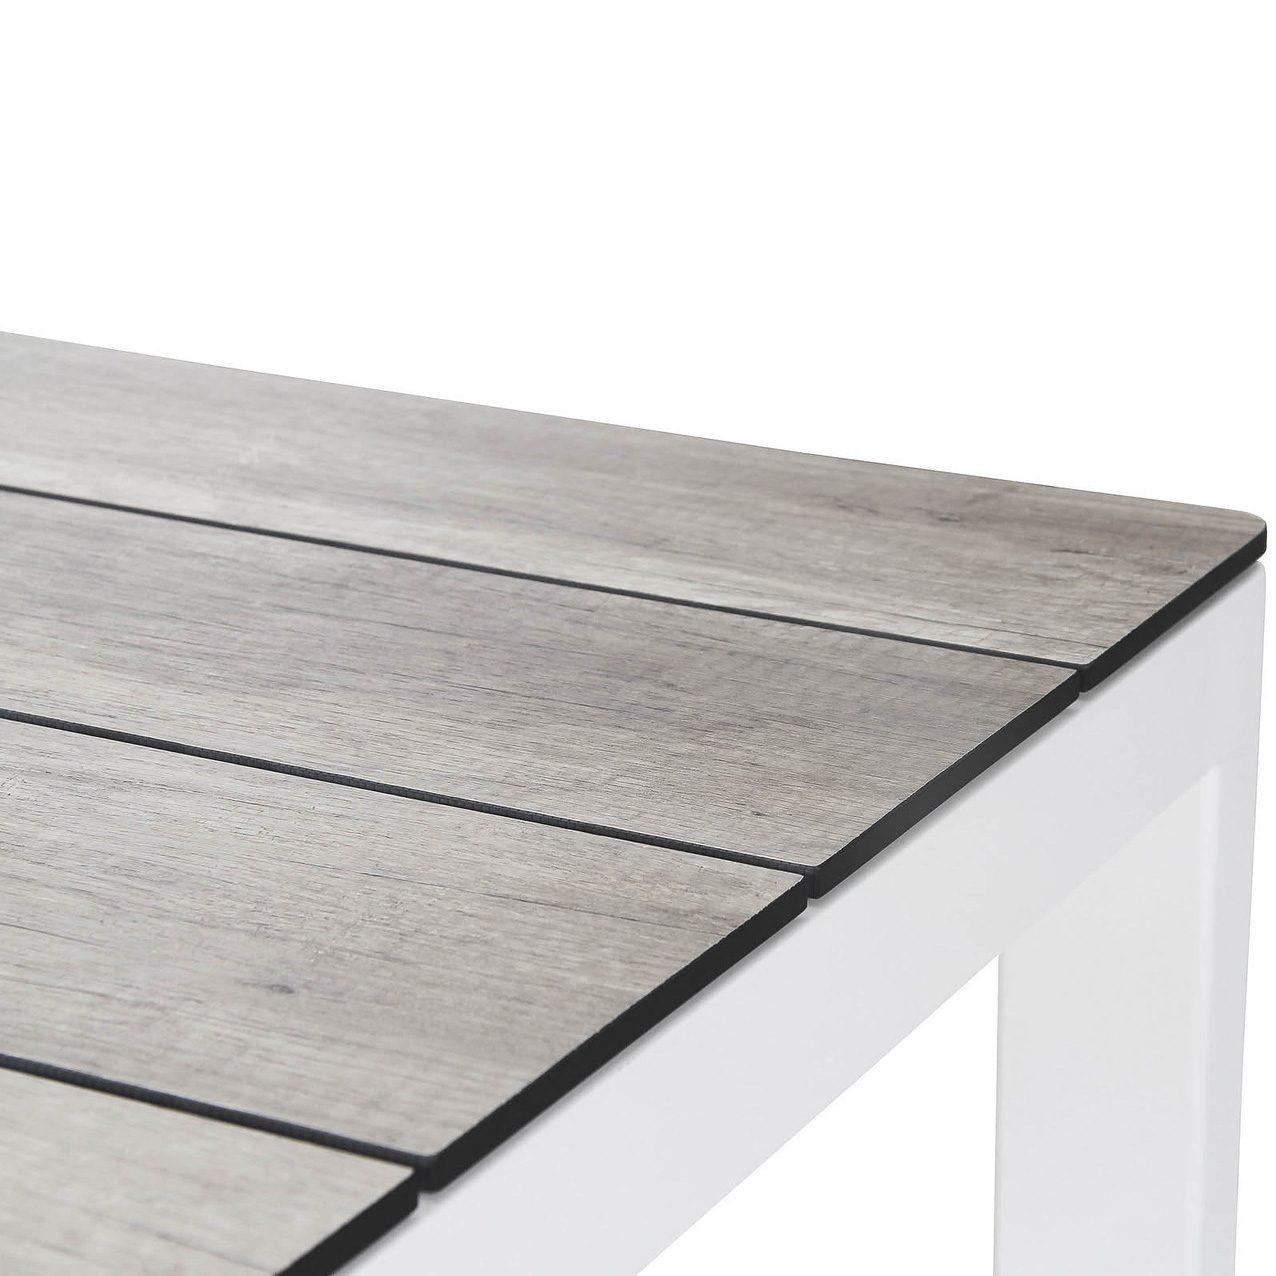 Rodez bordsskiva i grått från Brafab.